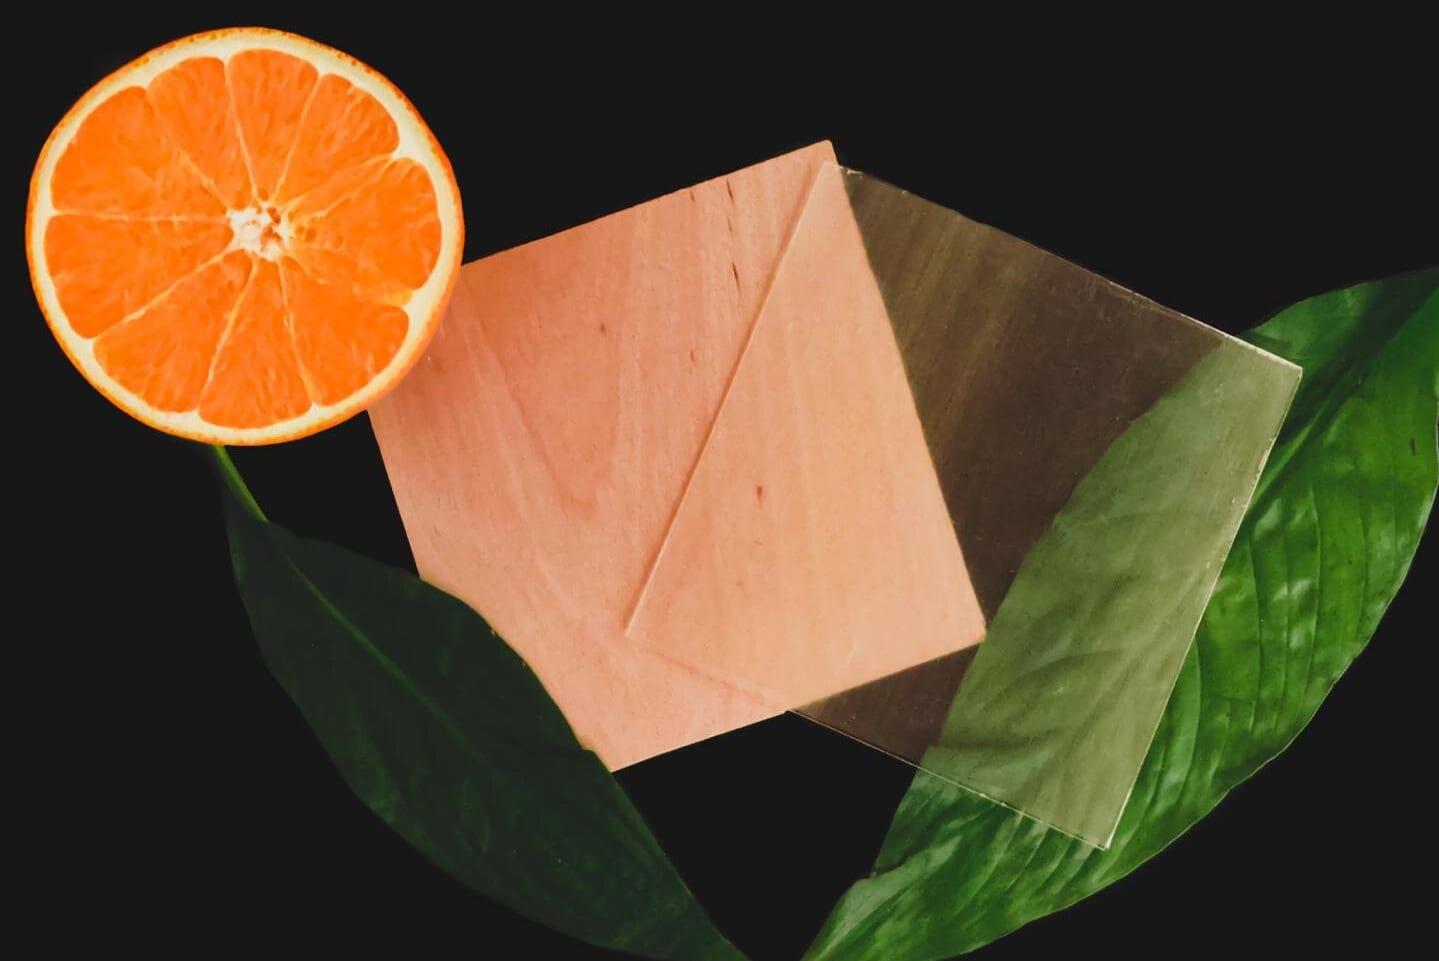 オレンジの皮で透明木材を補強する